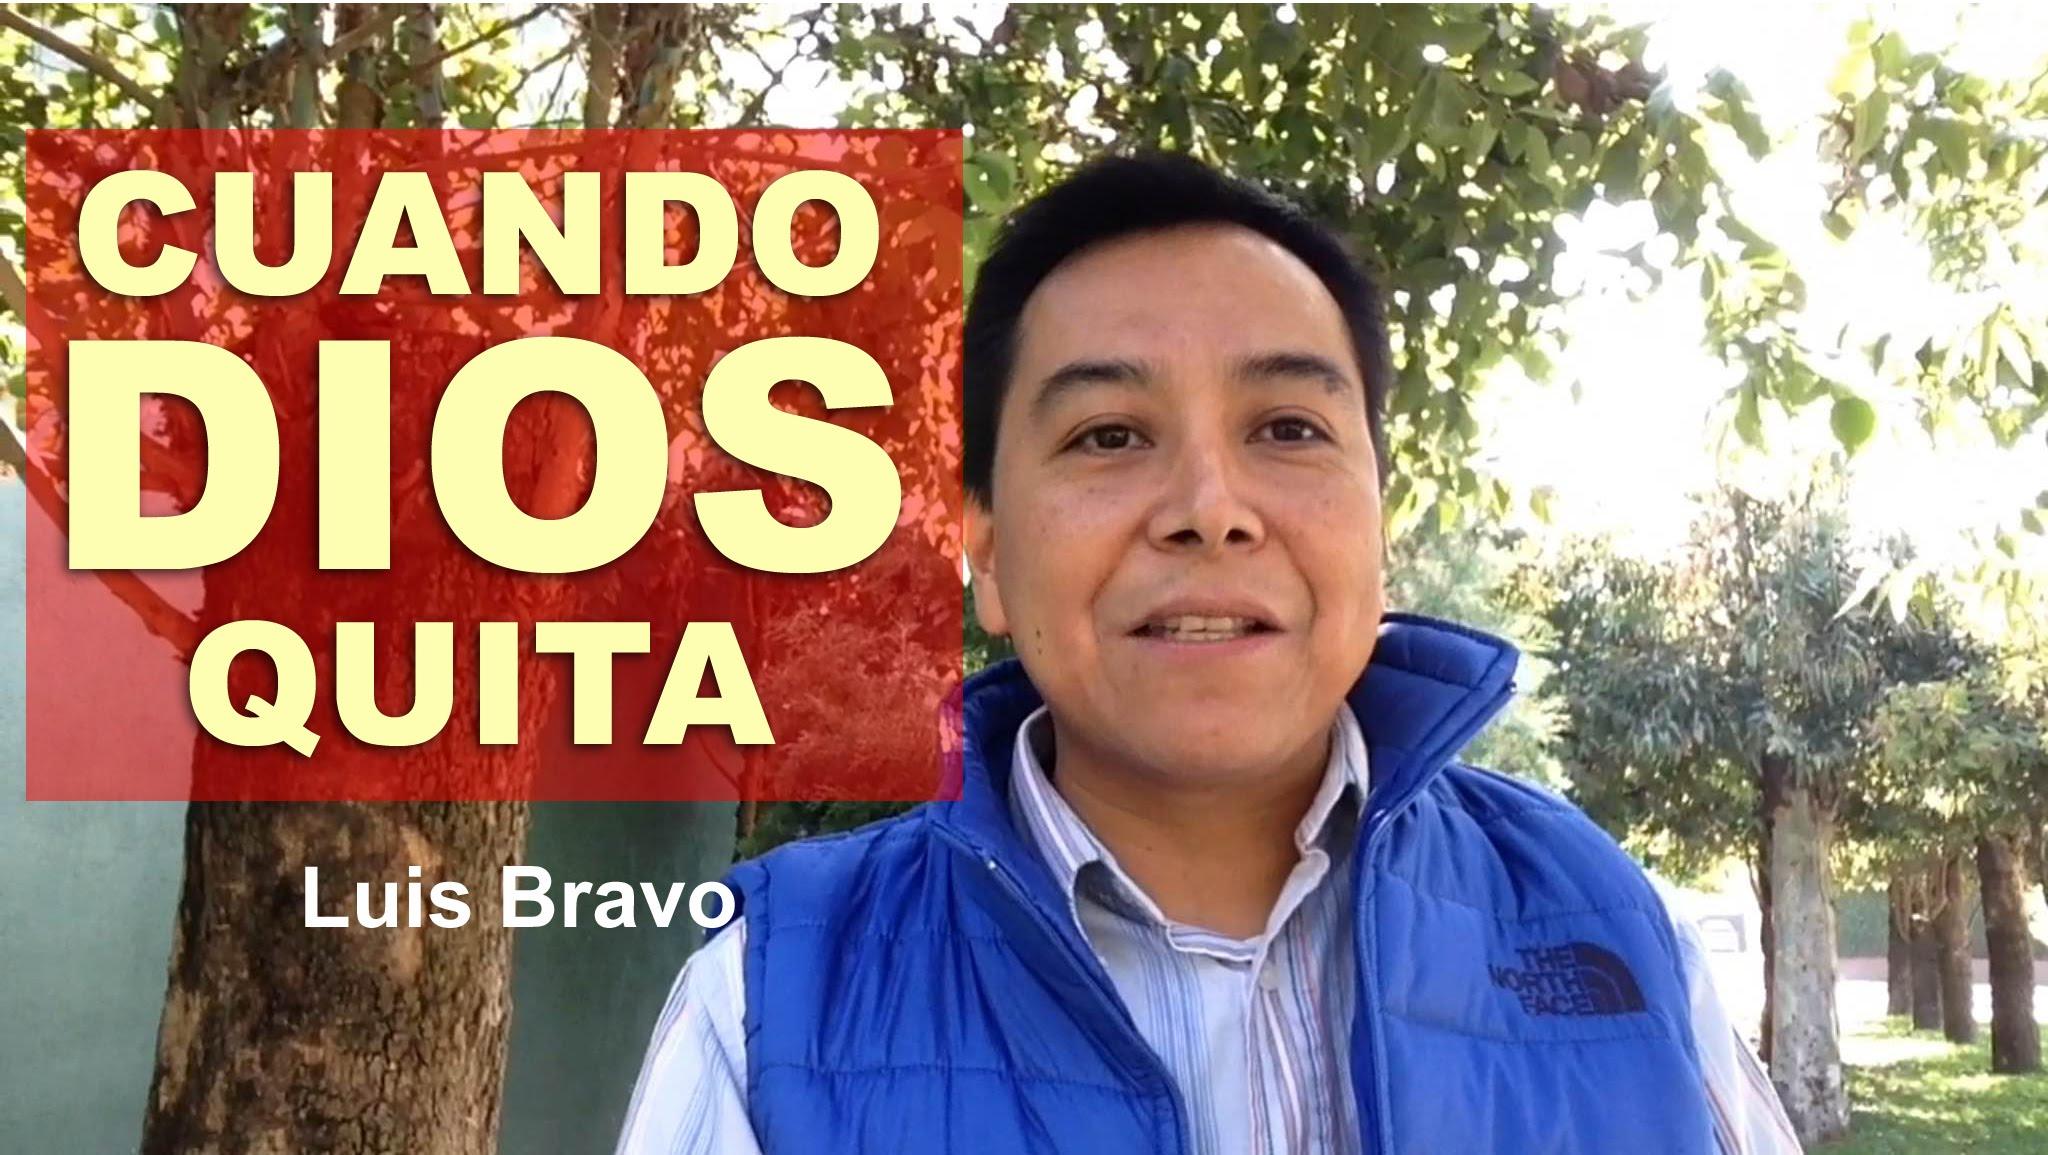 Photo of Cuando Dios quita – Luis Bravo